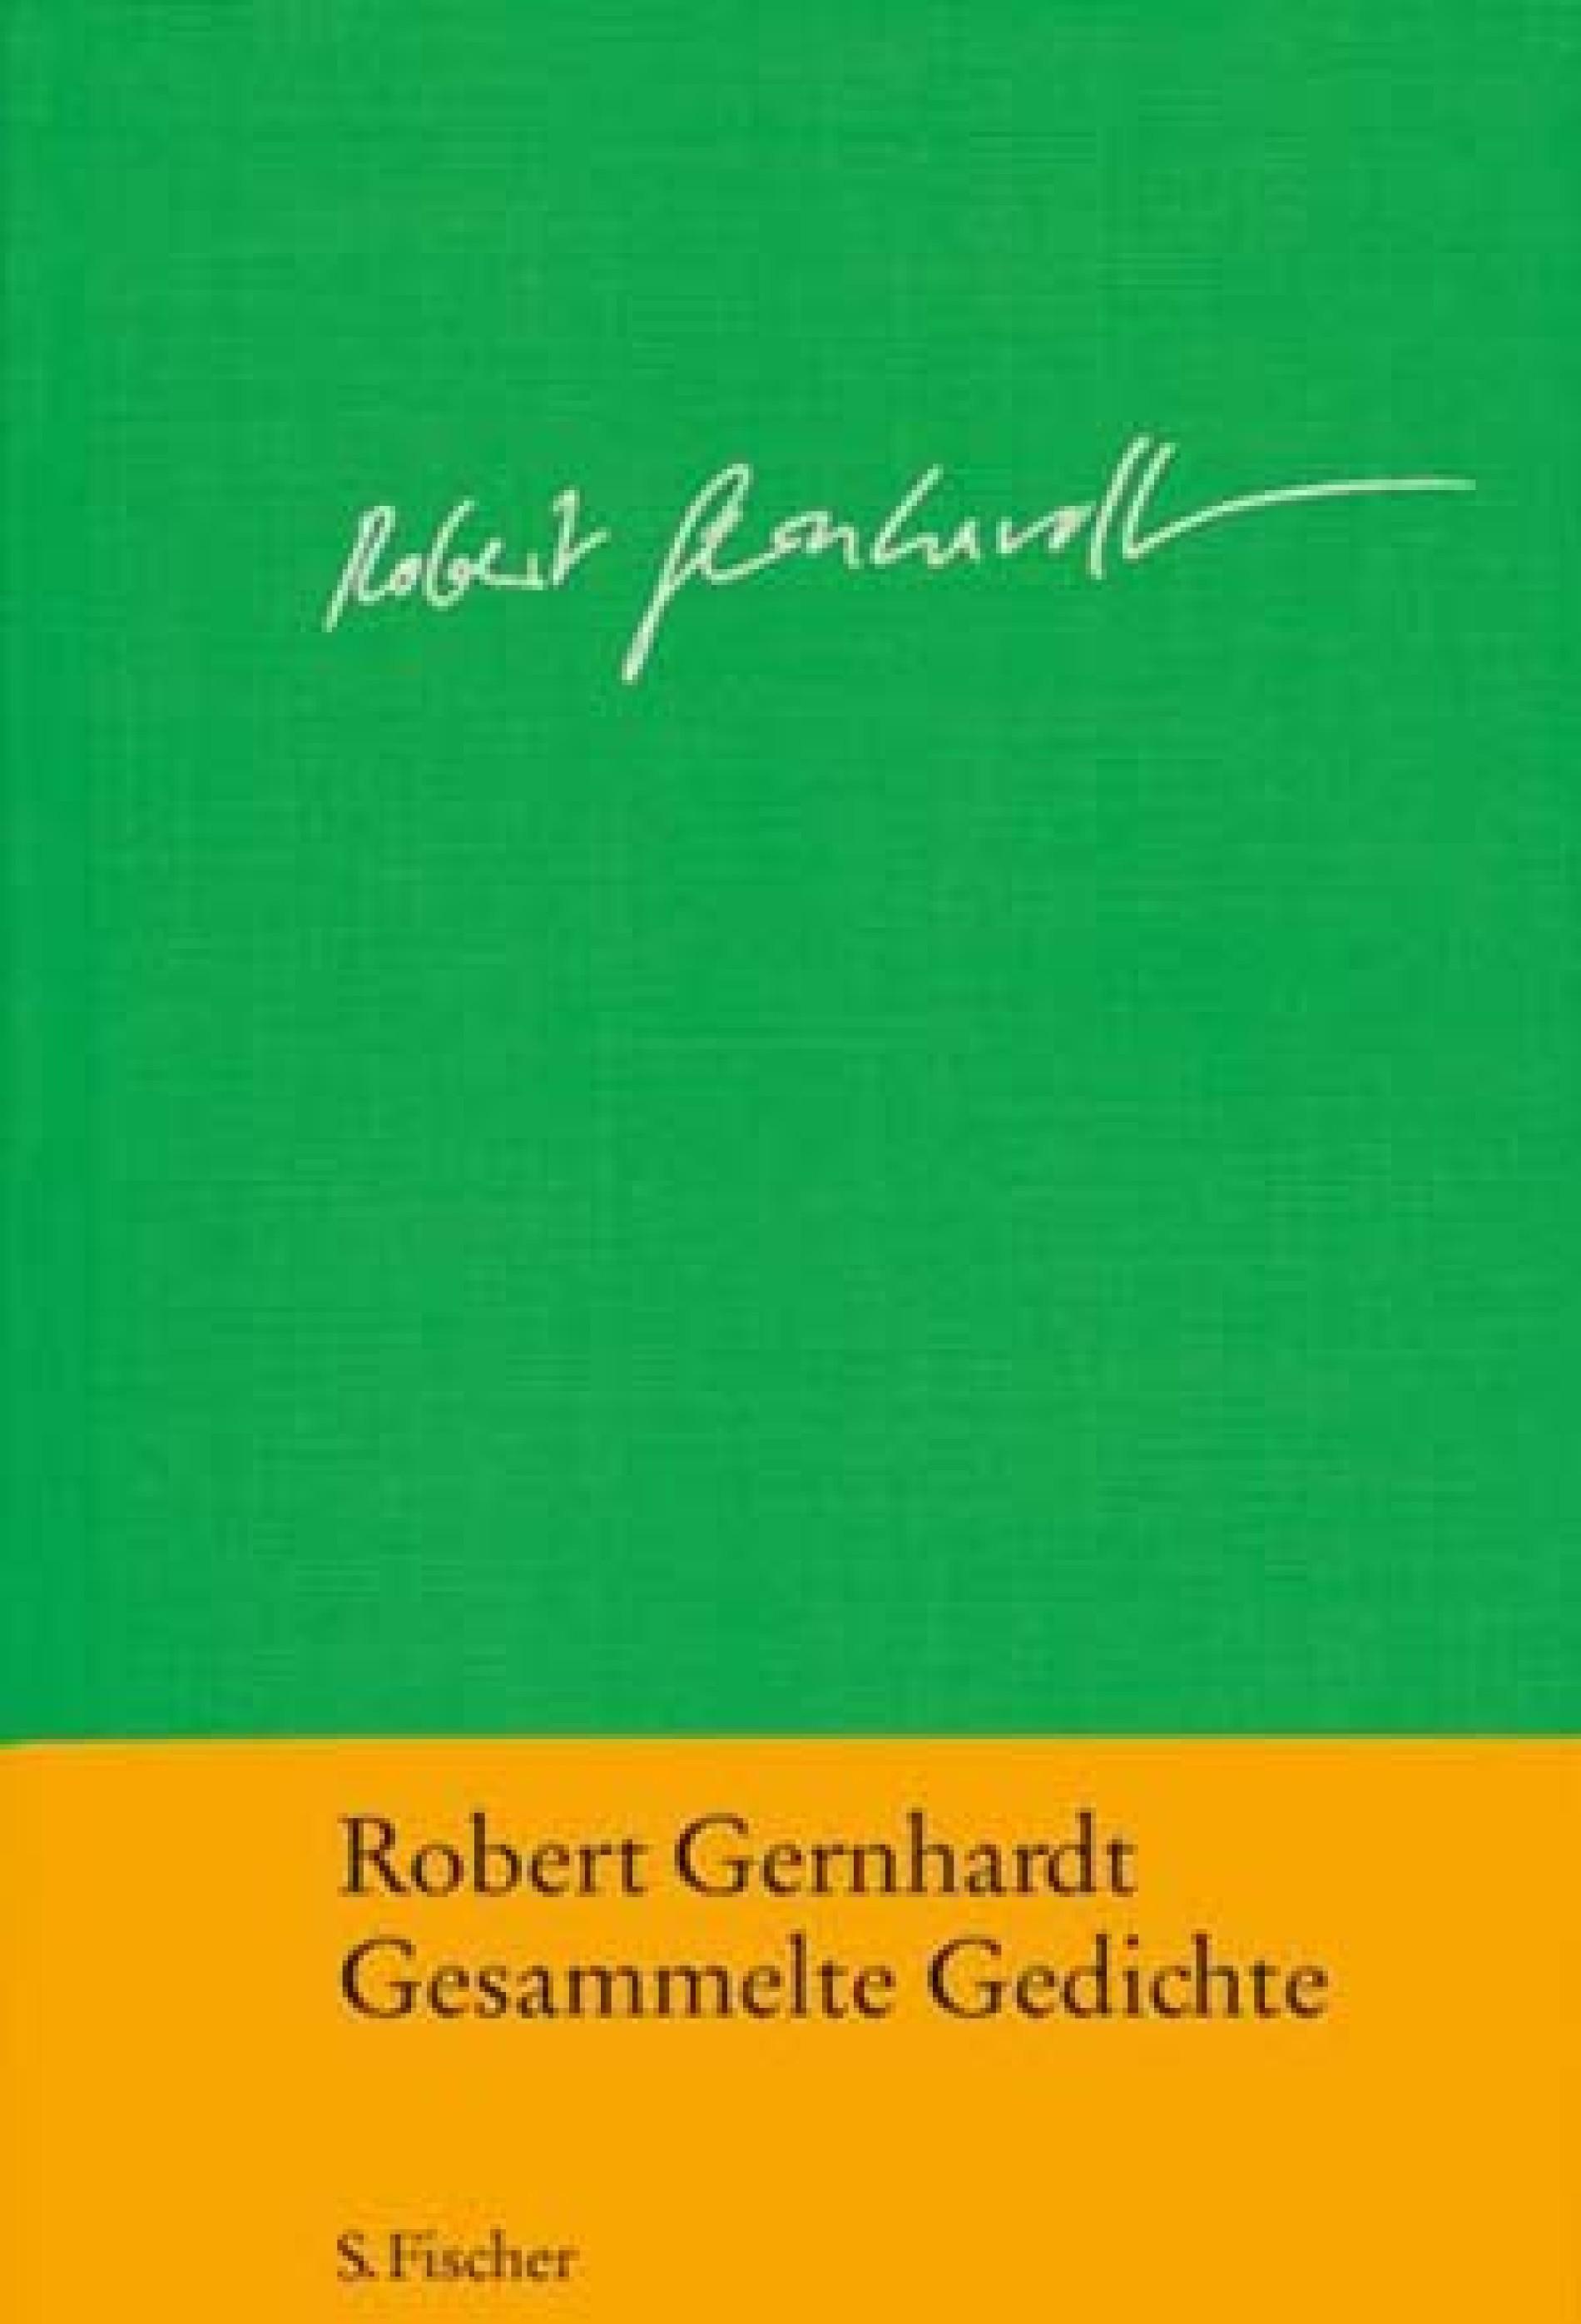 Robert Gernhardt Versarbeit Am Leben Belletristik Faz